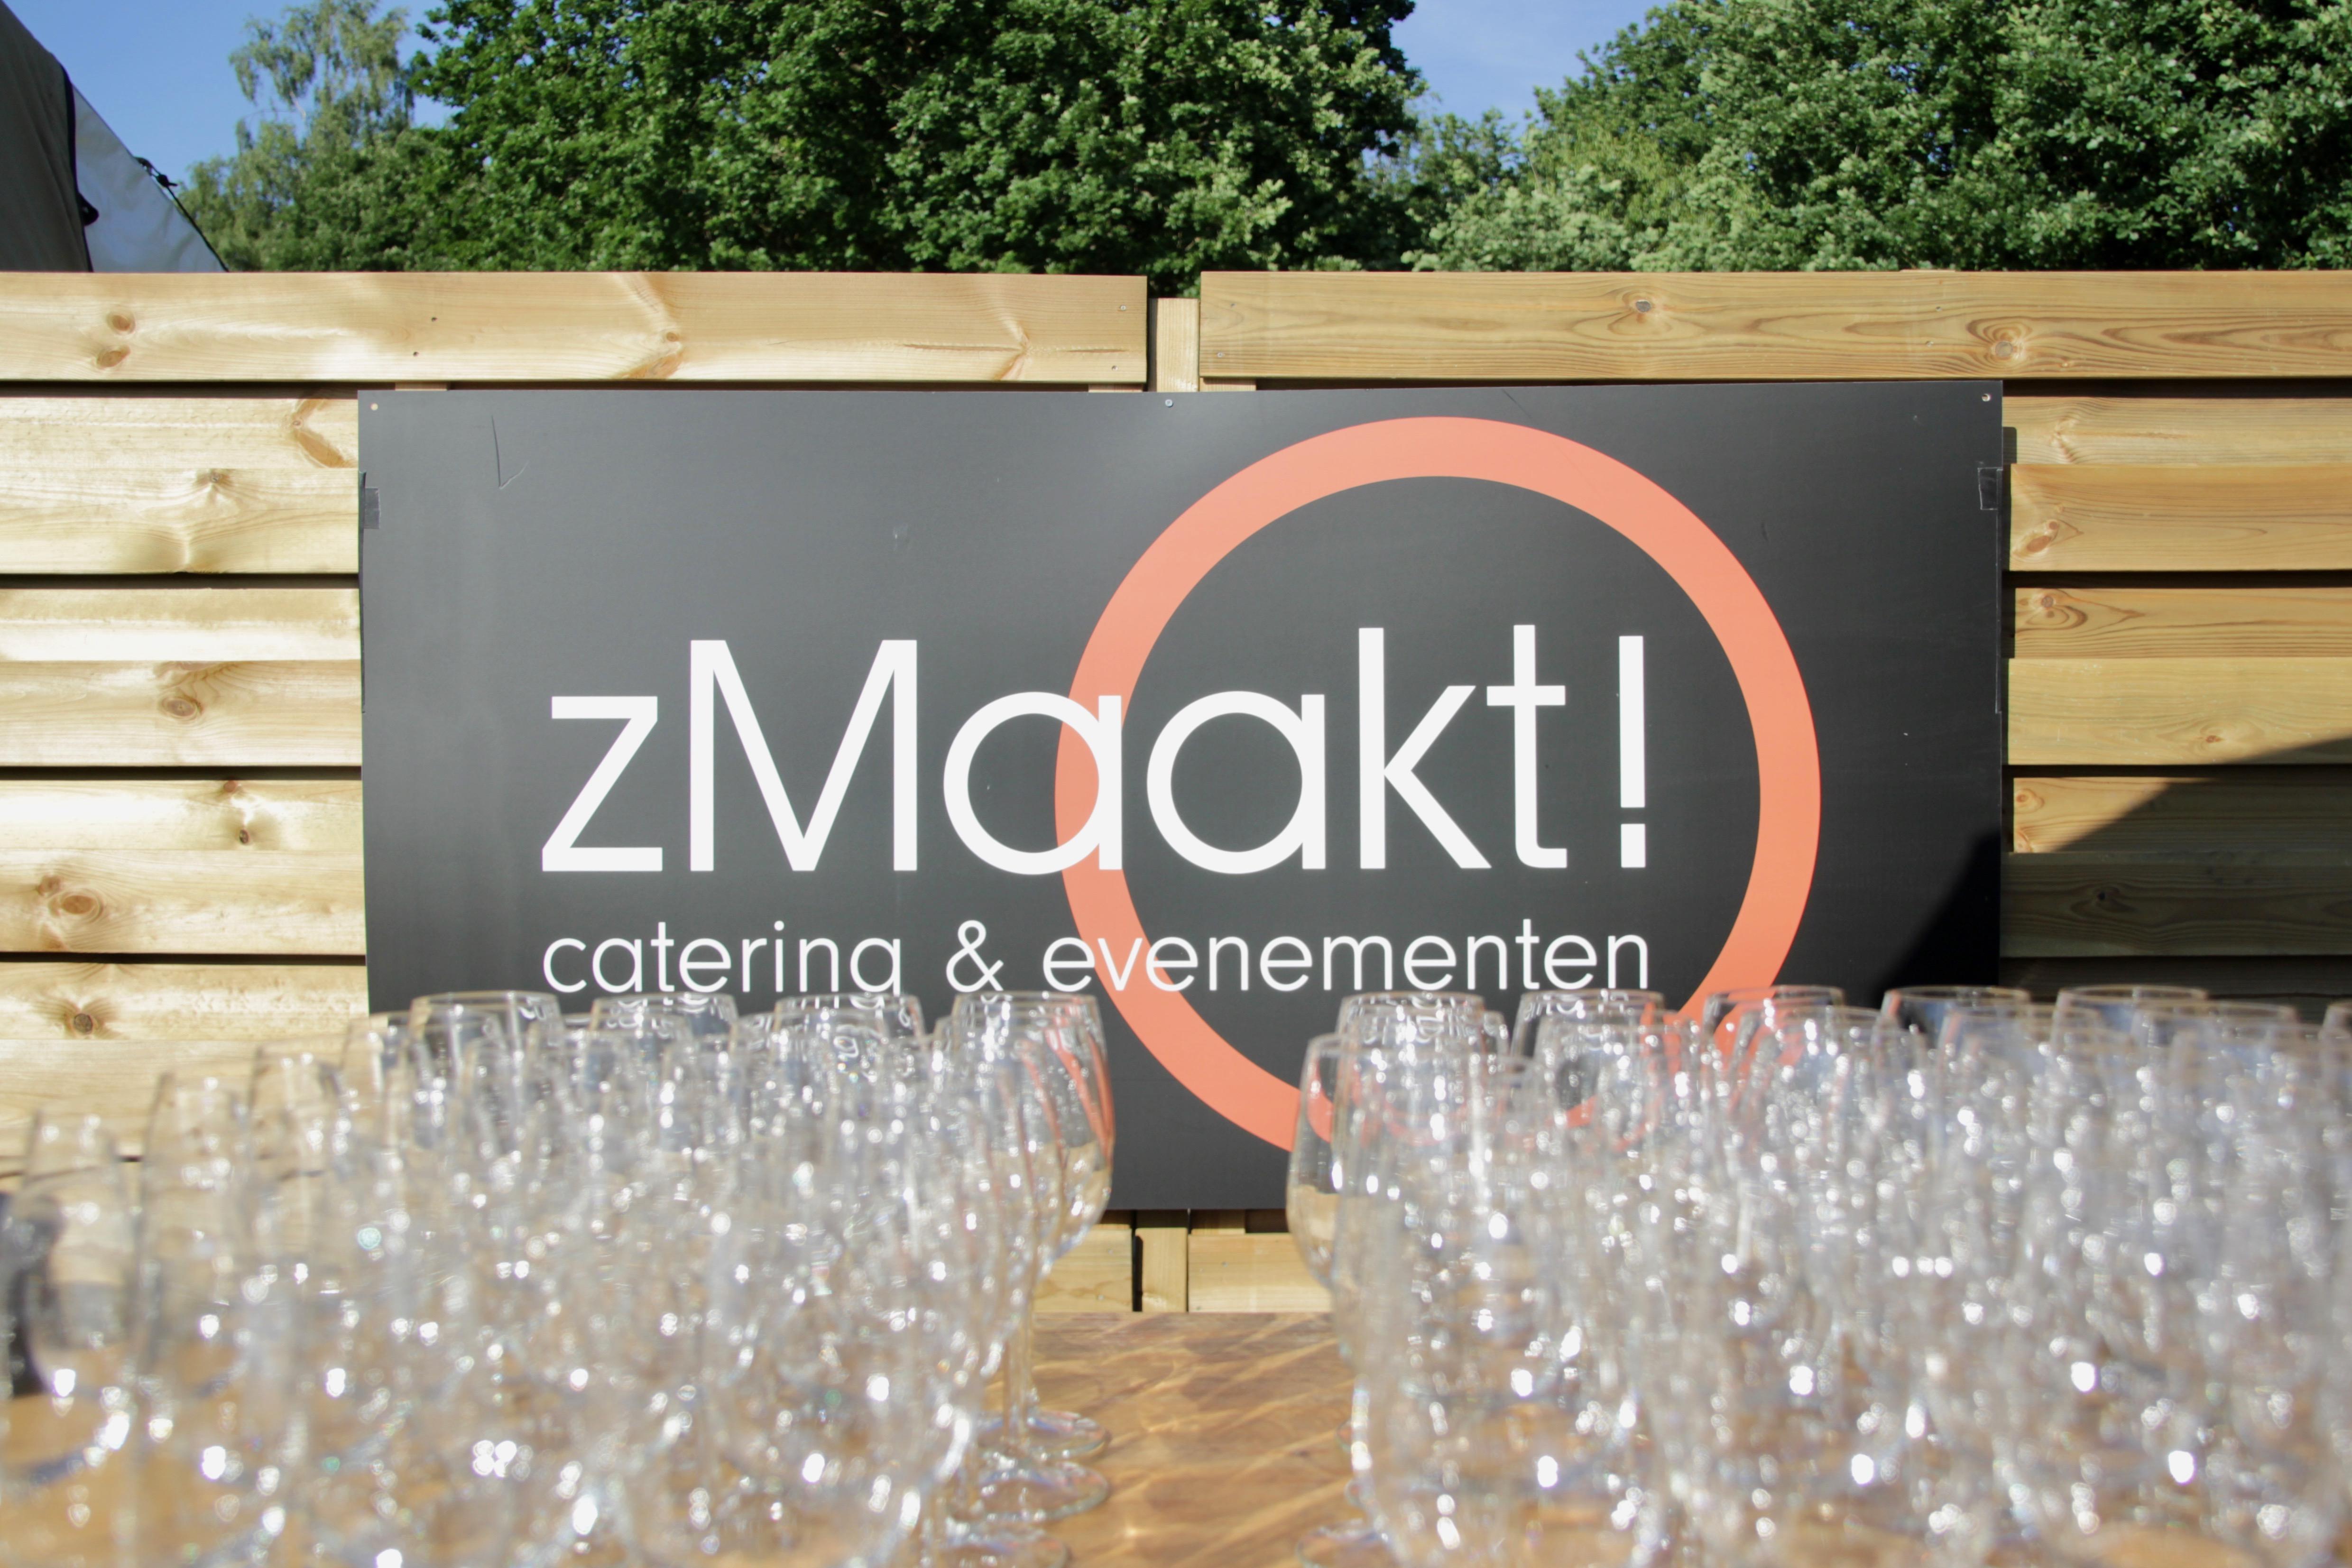 7. bord zmaakt met glazen